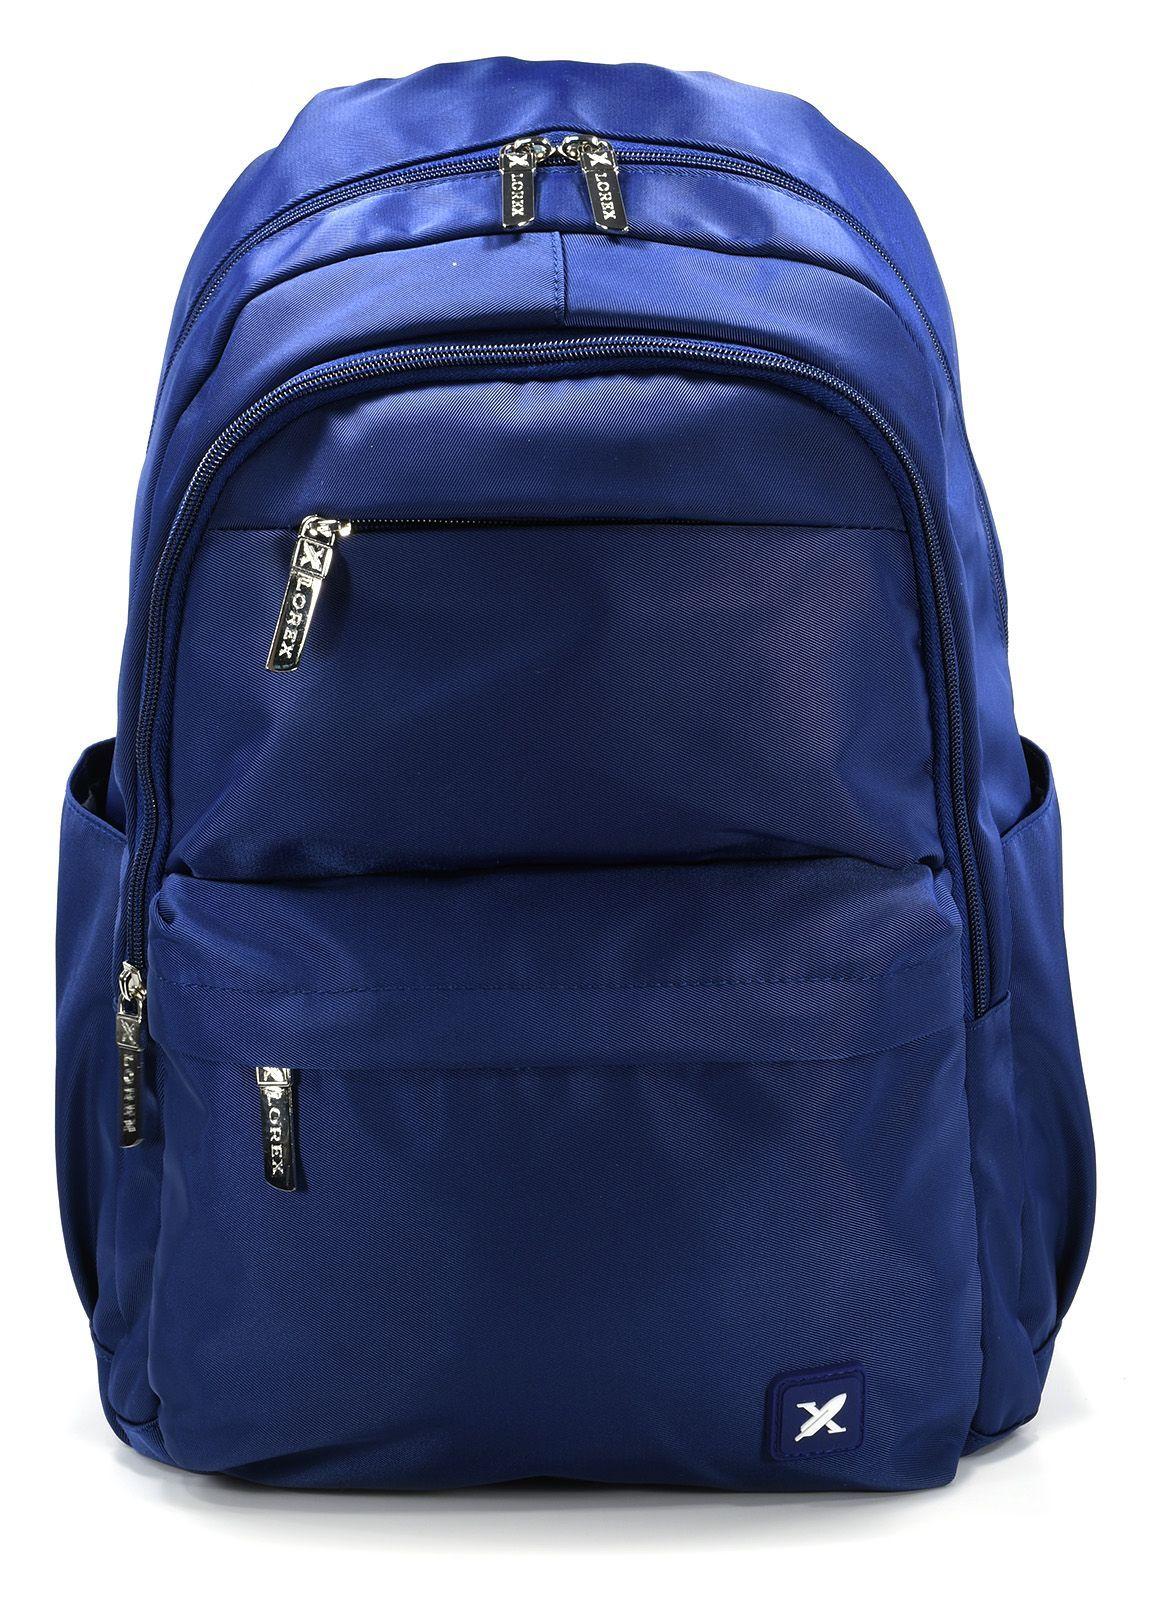 Рюкзак LOREX DEEP BLUE, модель ERGONOMIC M11, мягкий, односекционный, 42x36x15 см, 22 л, синий, универсальный